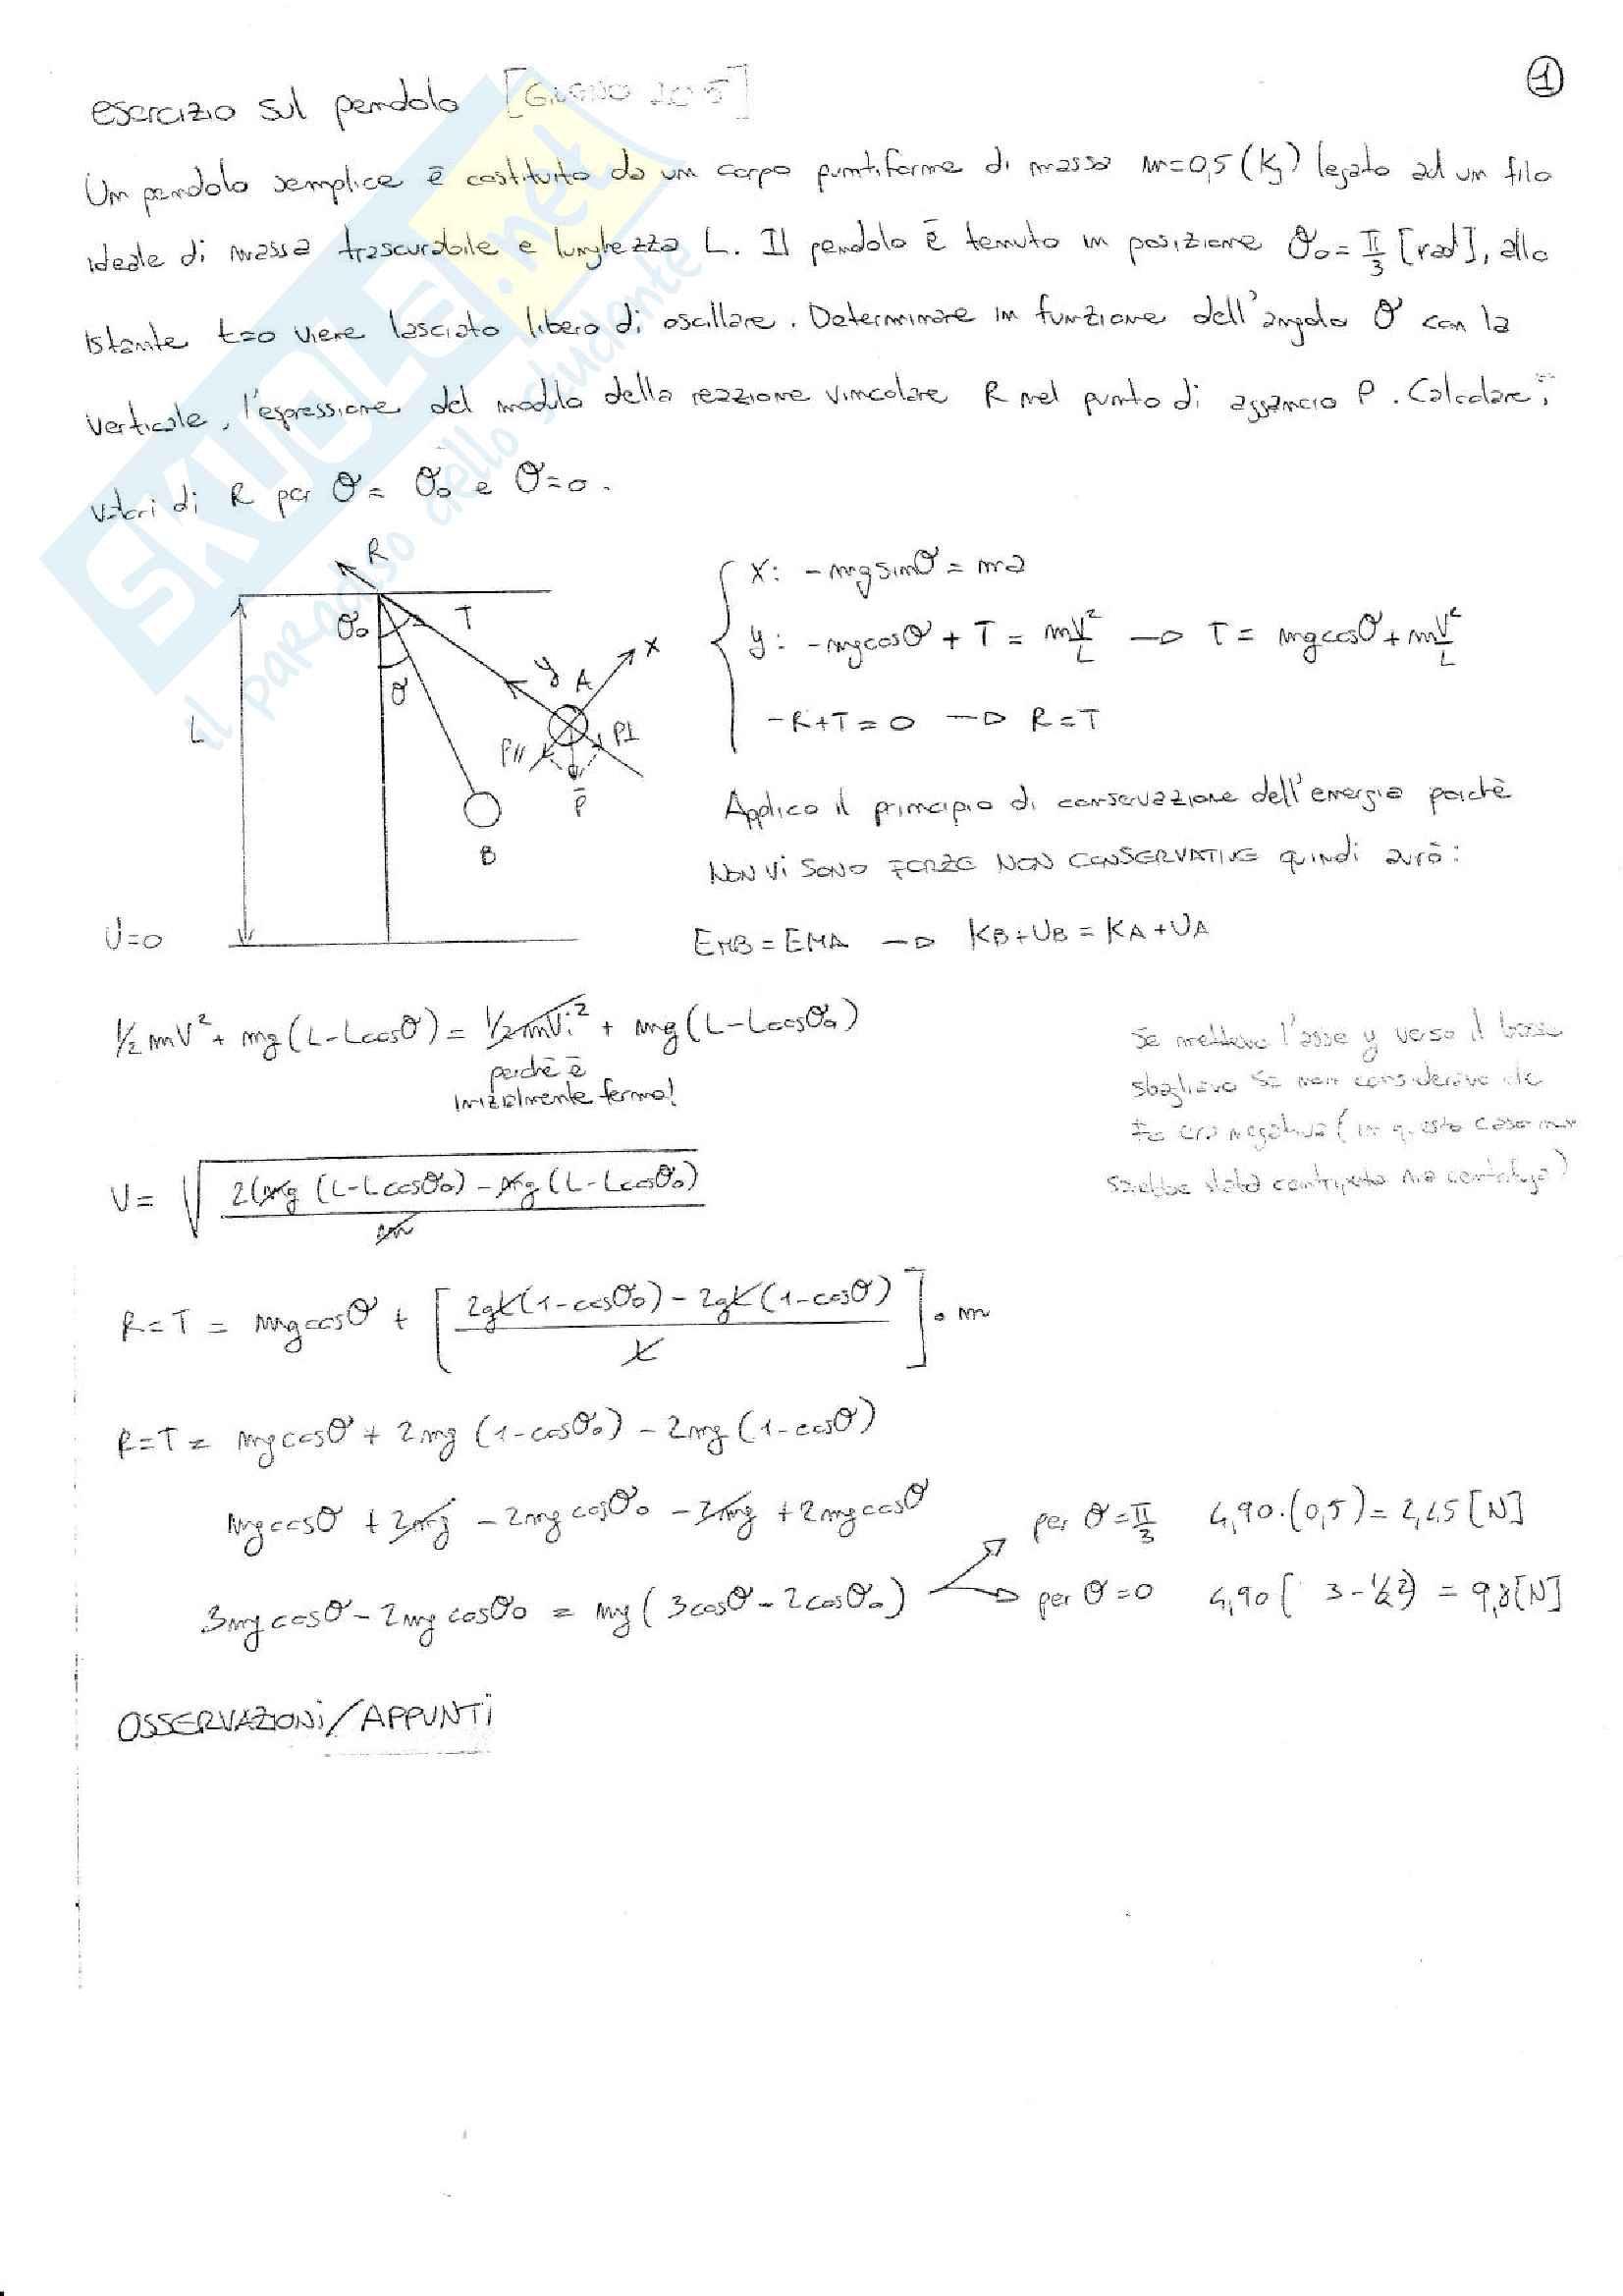 Esercizi svolti esame Fisica 1, prof. Barucca, libri consigliati: Elementi di Fisica - Meccanica - Termodinamica, Mazzoldi - Nigro - Voci; Fisica 1, Vannini - Gettys; Fisica - Volume 1, Mazzoldi - Nigro - Voci; Fisica Generale: Meccanica e Termodinamica Pag. 2